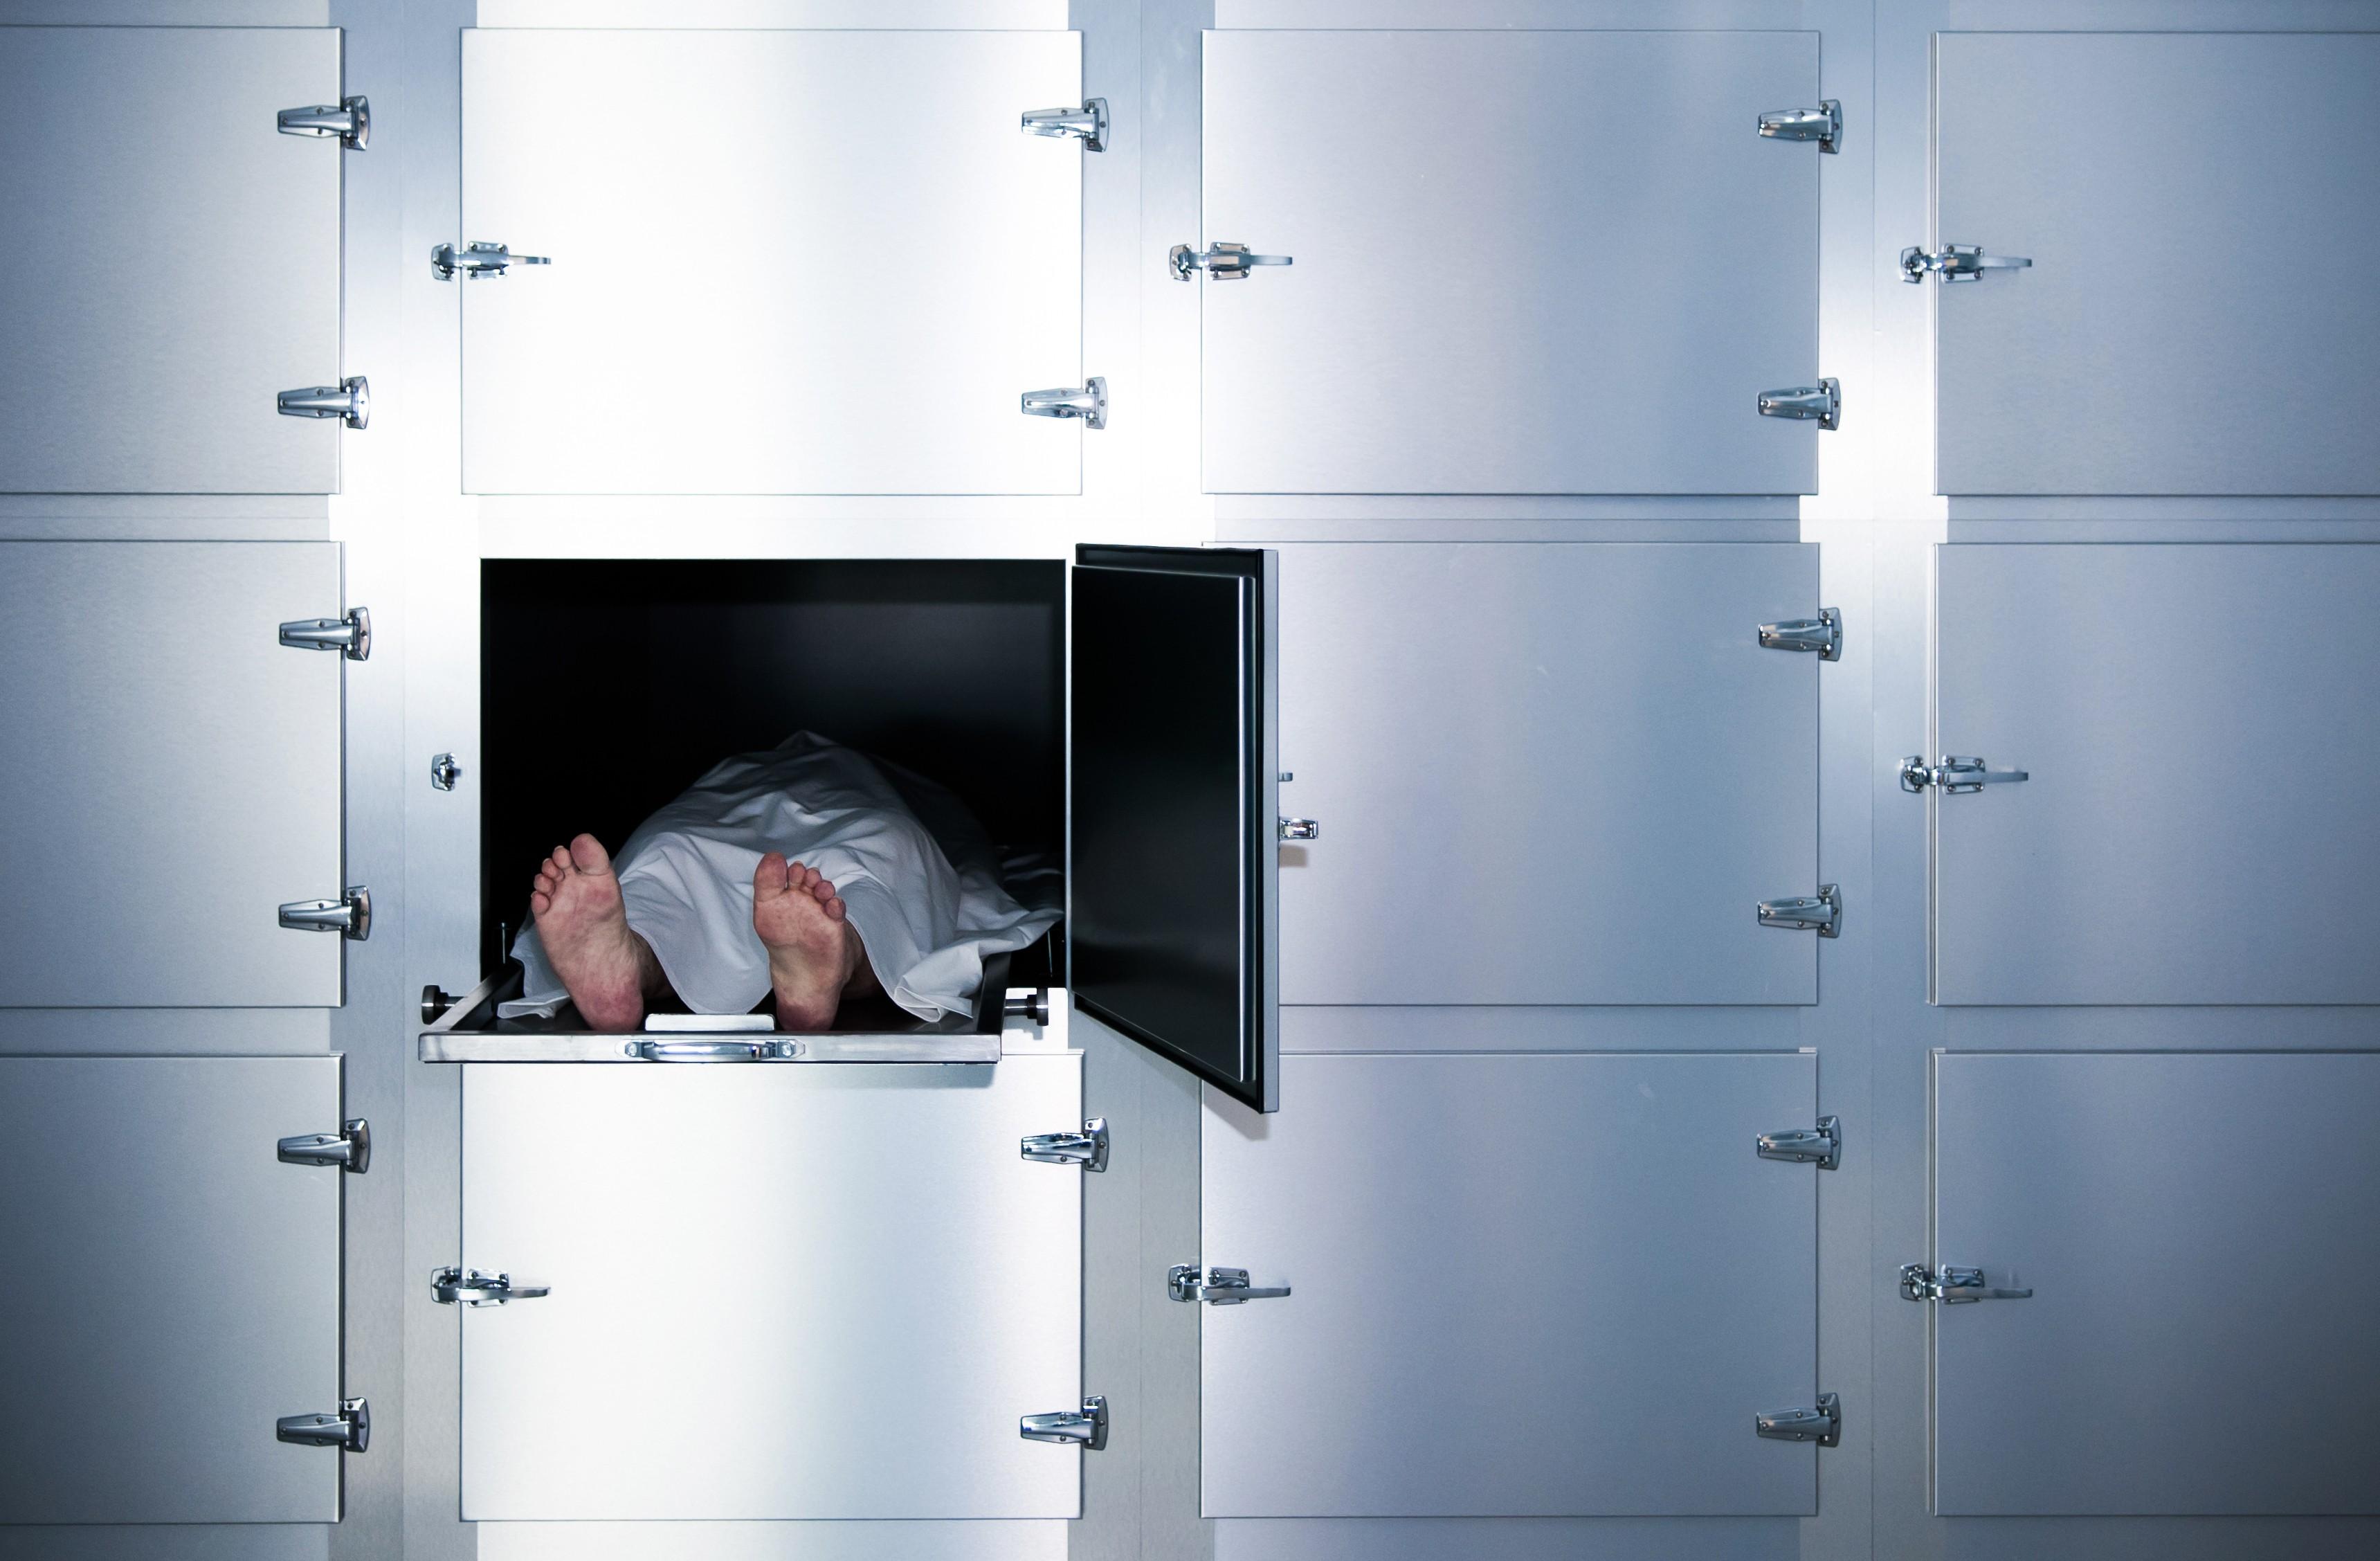 Un mort se réveille à la morgue — Espagne